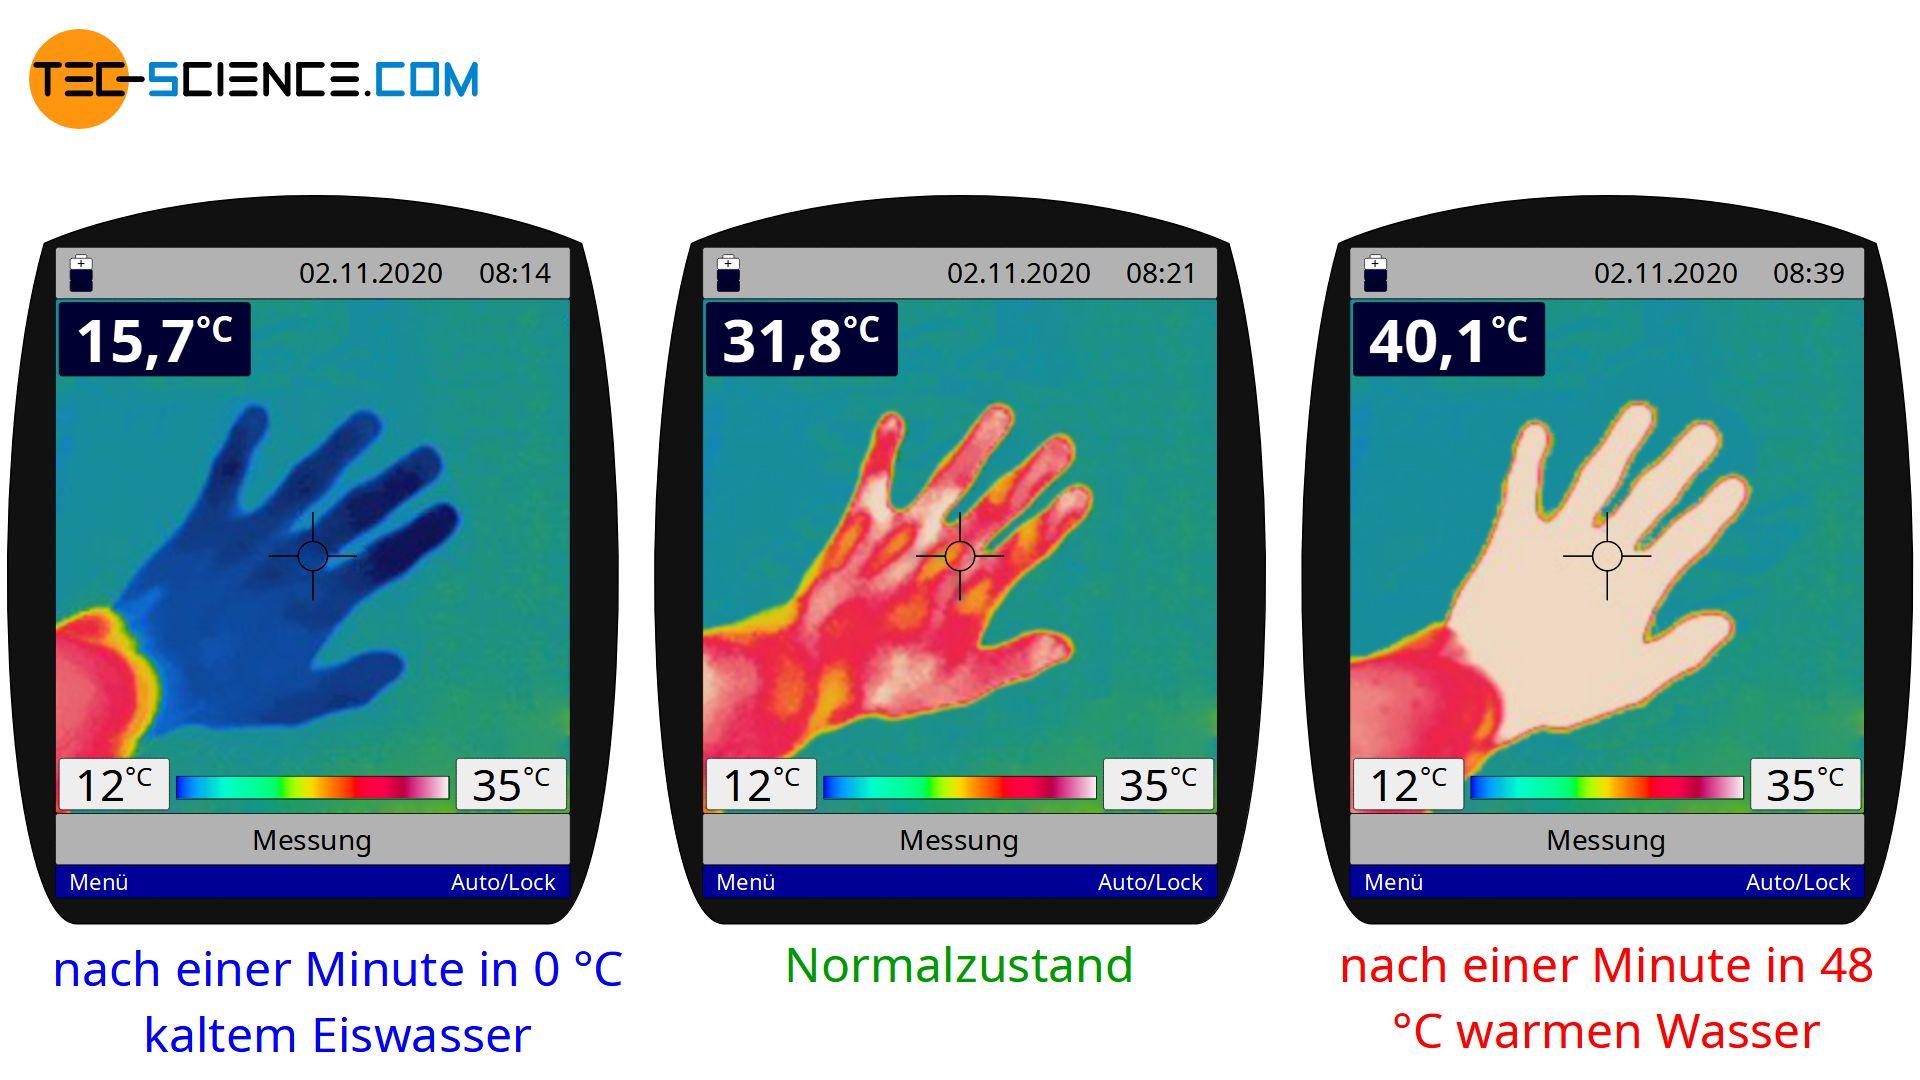 Wärmebild einer Hand bei verschiedenen Temperaturen